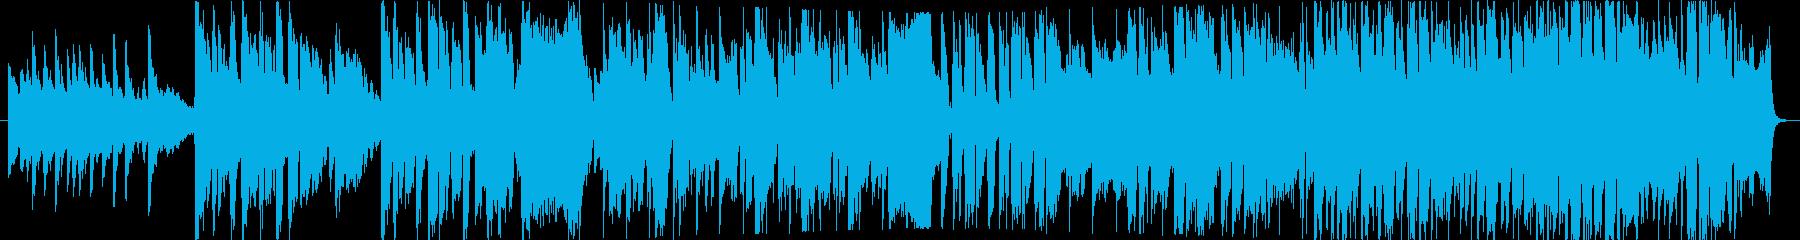 童謡「春が来た」混声4部ゴスペルアレンジの再生済みの波形